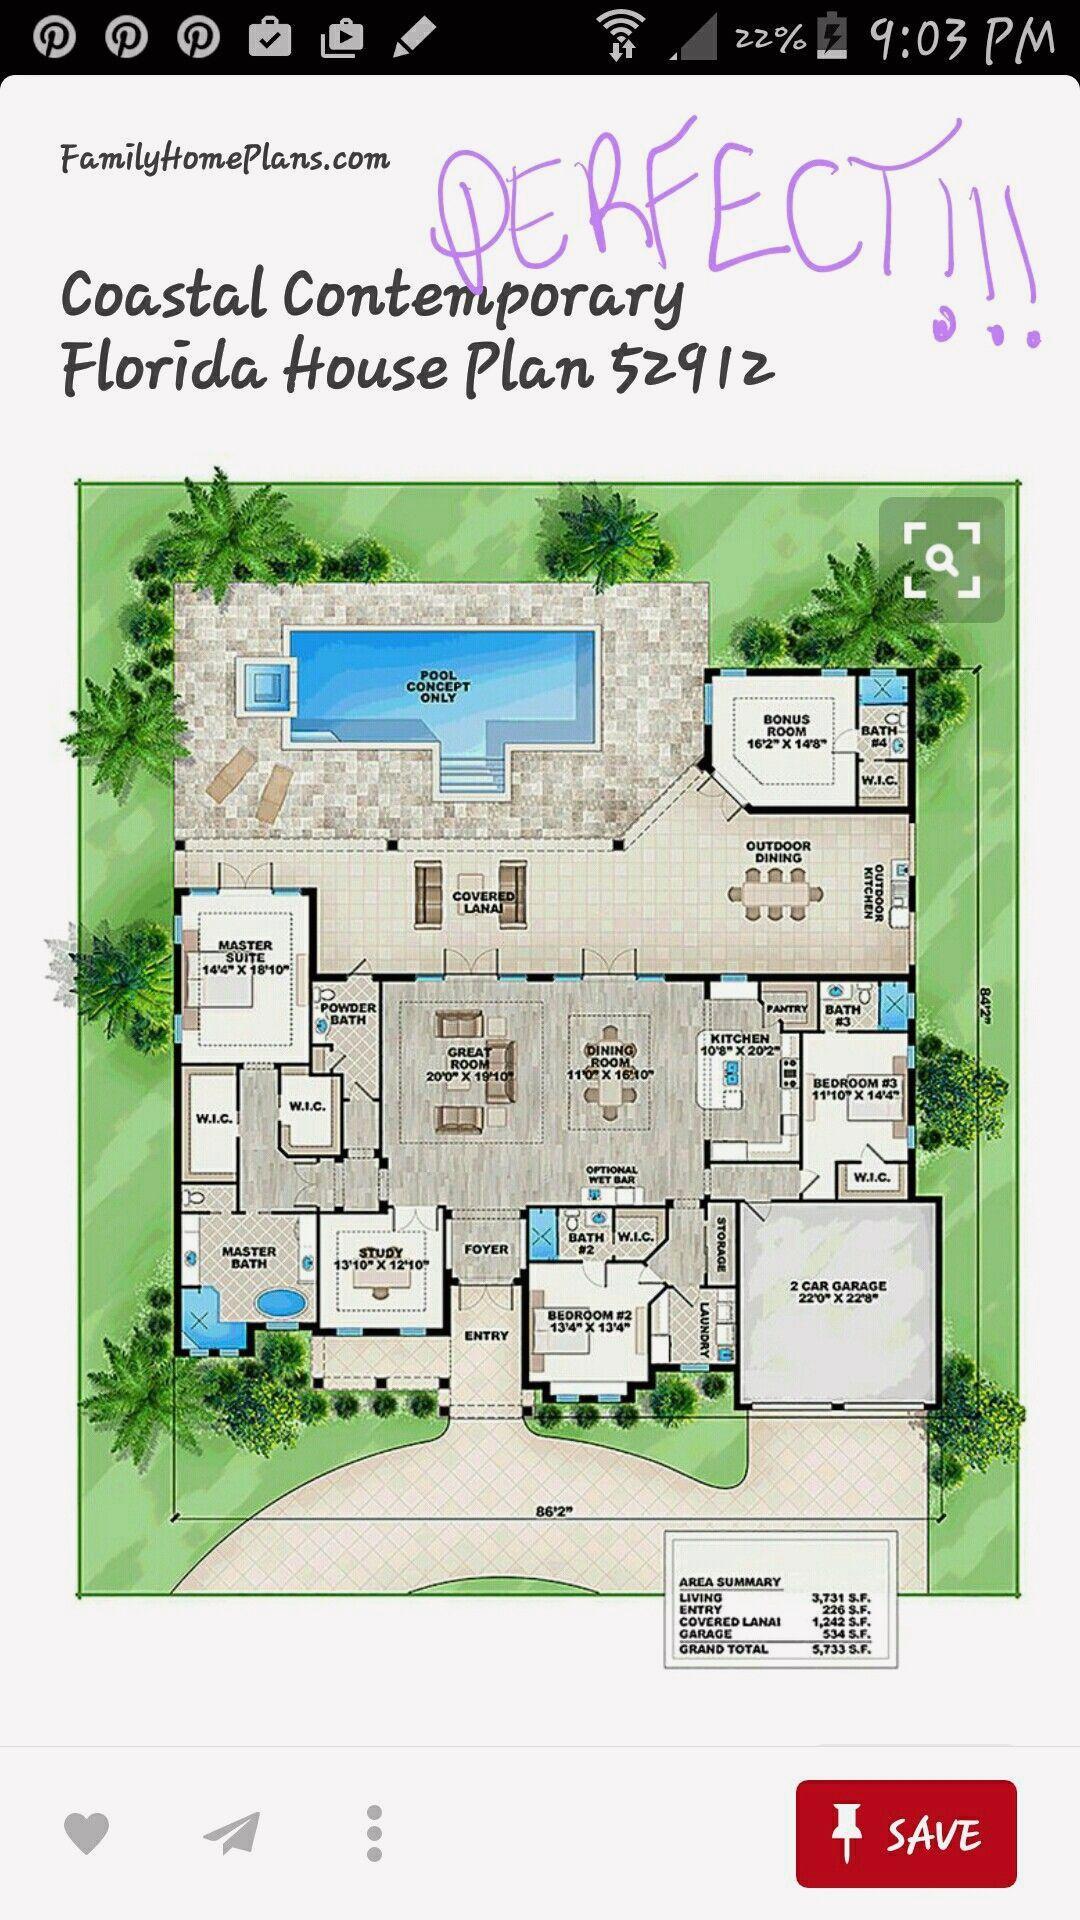 13 Beach House Floor Plan Ideas Florida House Plans Beach House Floor Plans Home Design Floor Plans